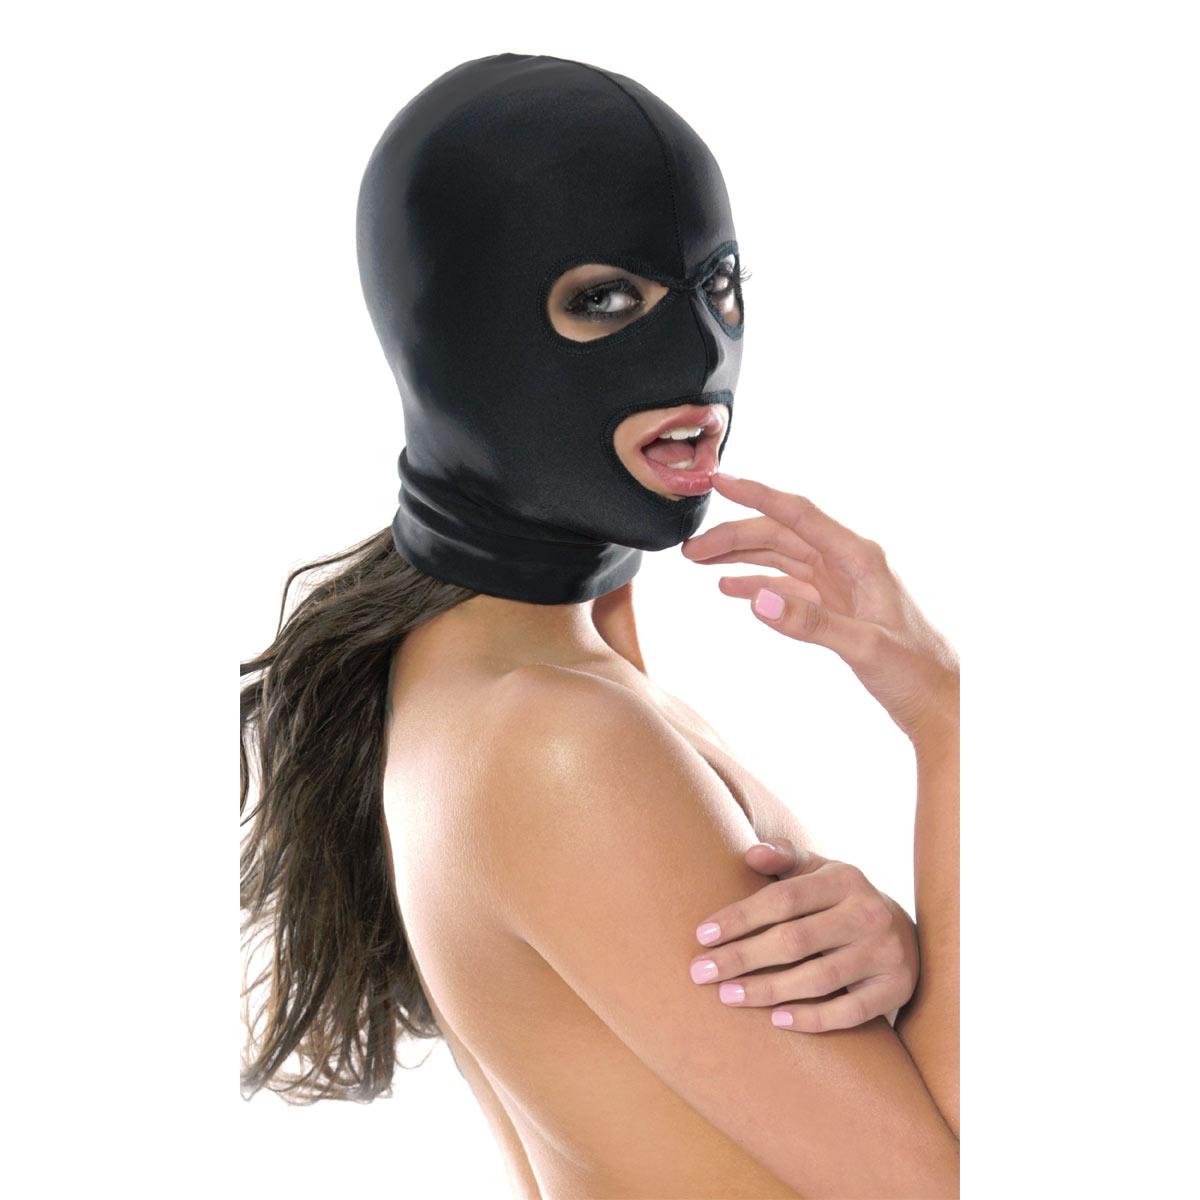 eroticheskie-maski-foto